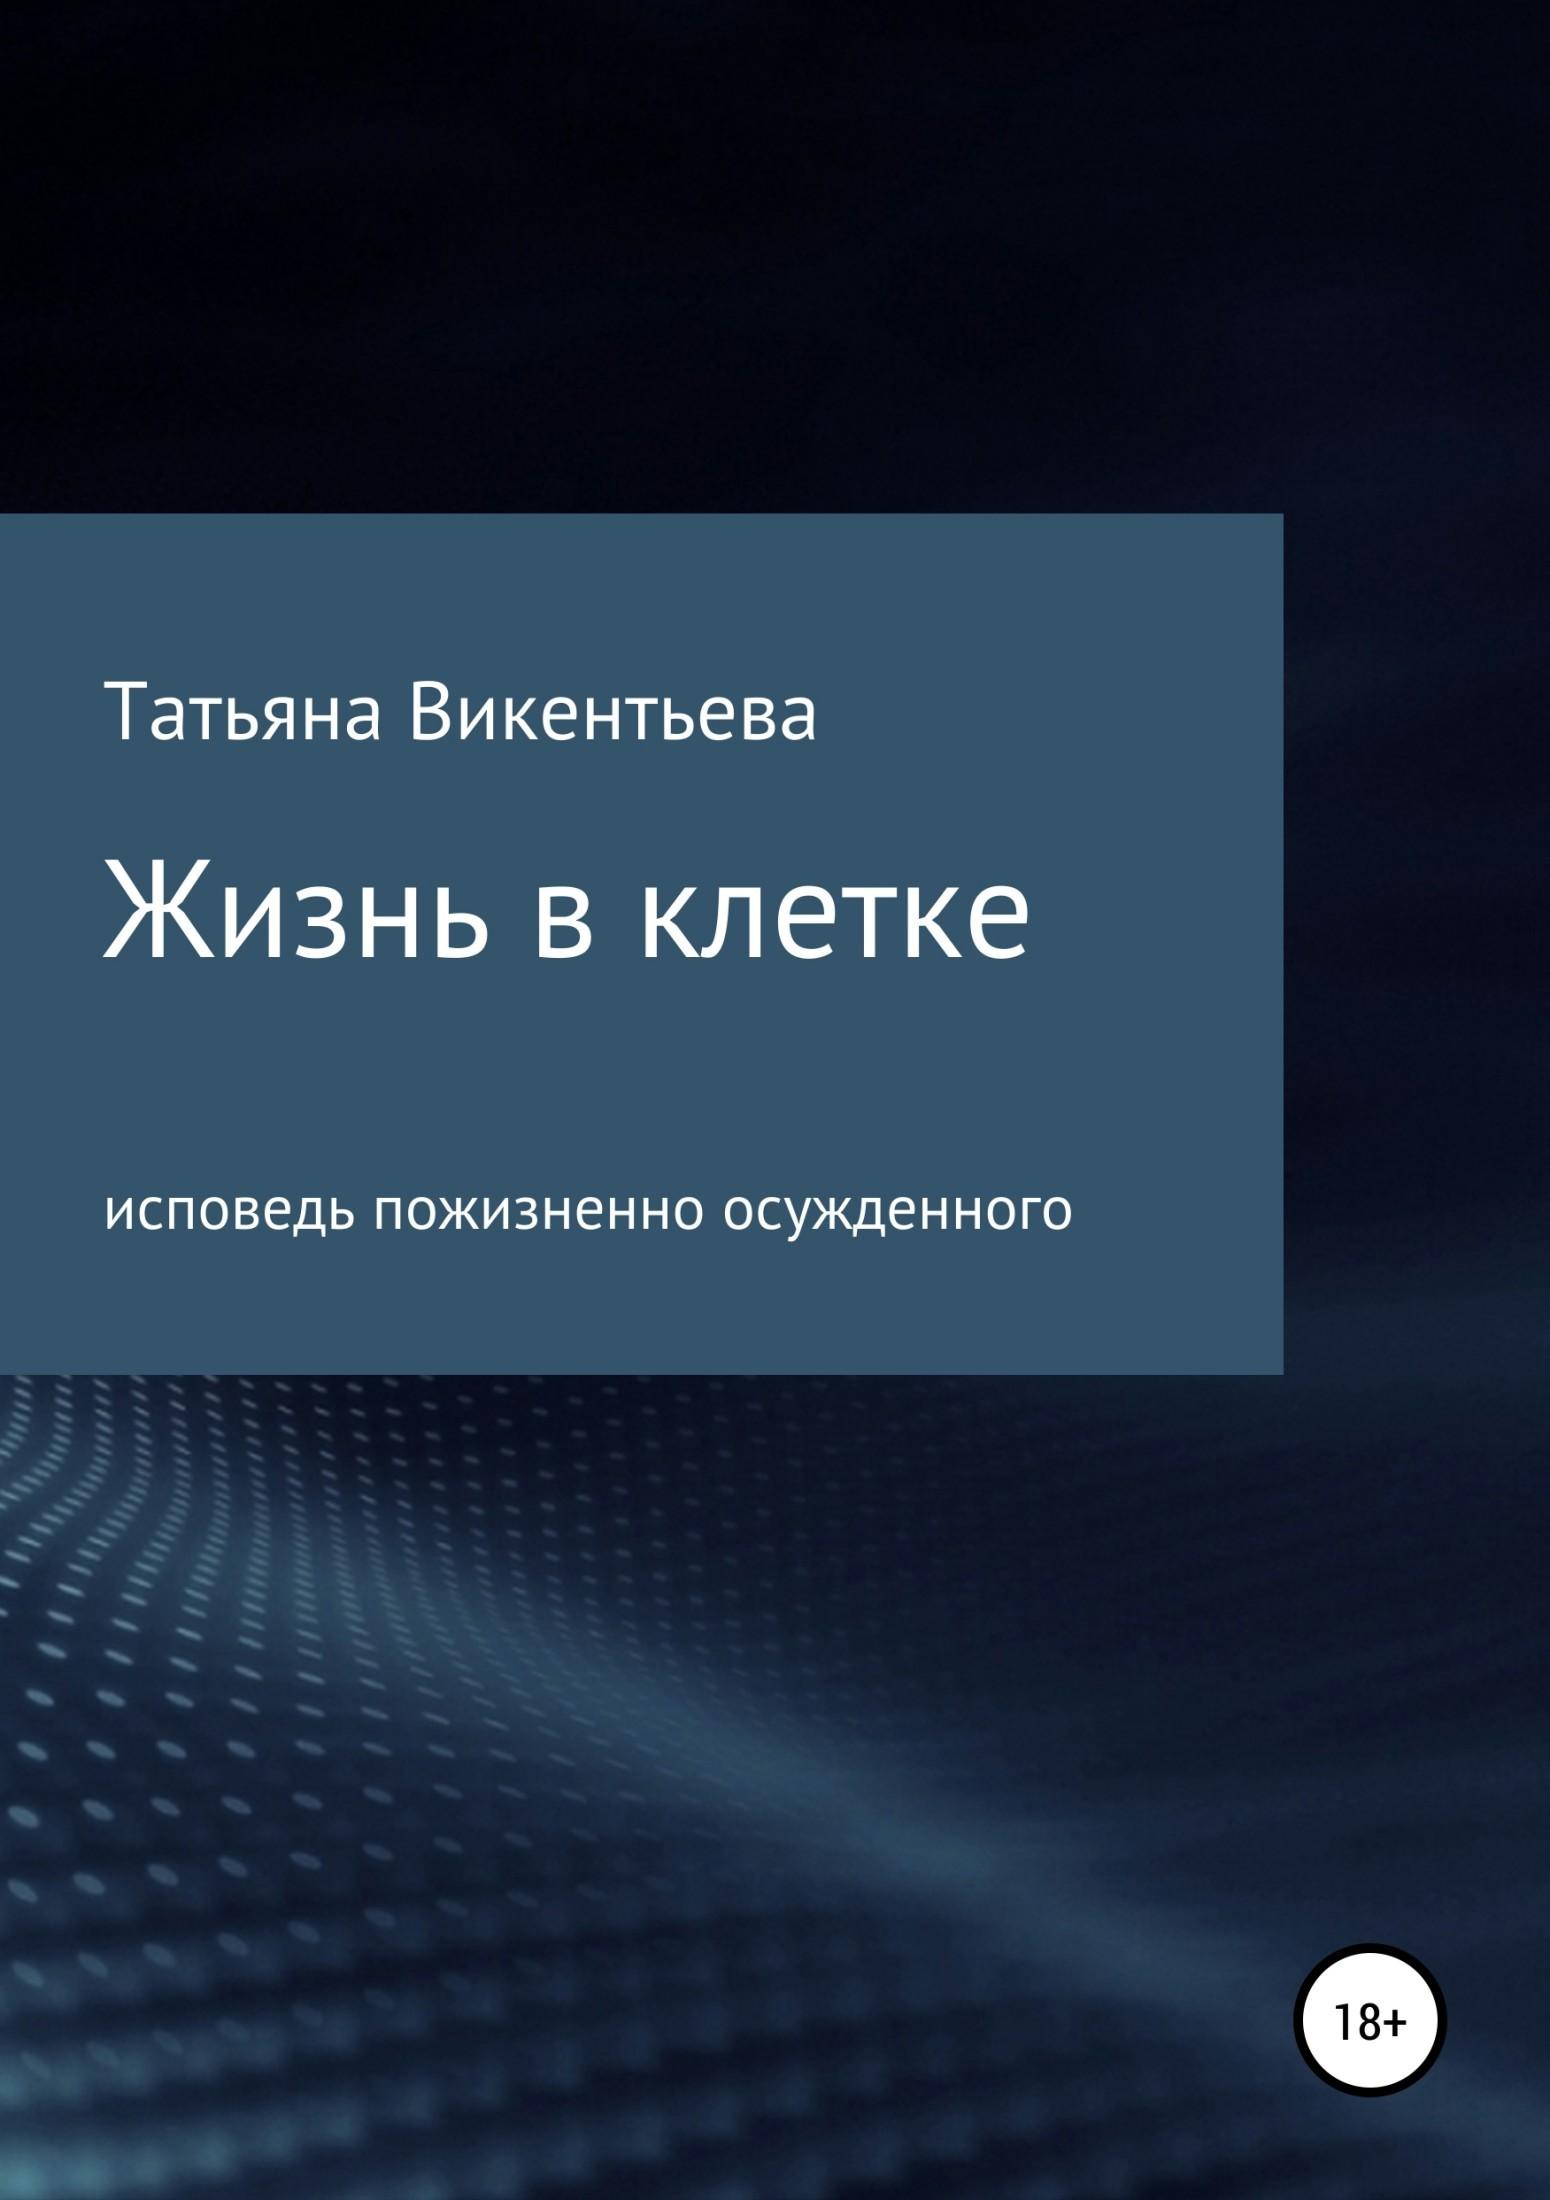 цена на Татьяна Трофимовна Викентьева Жизнь в клетке